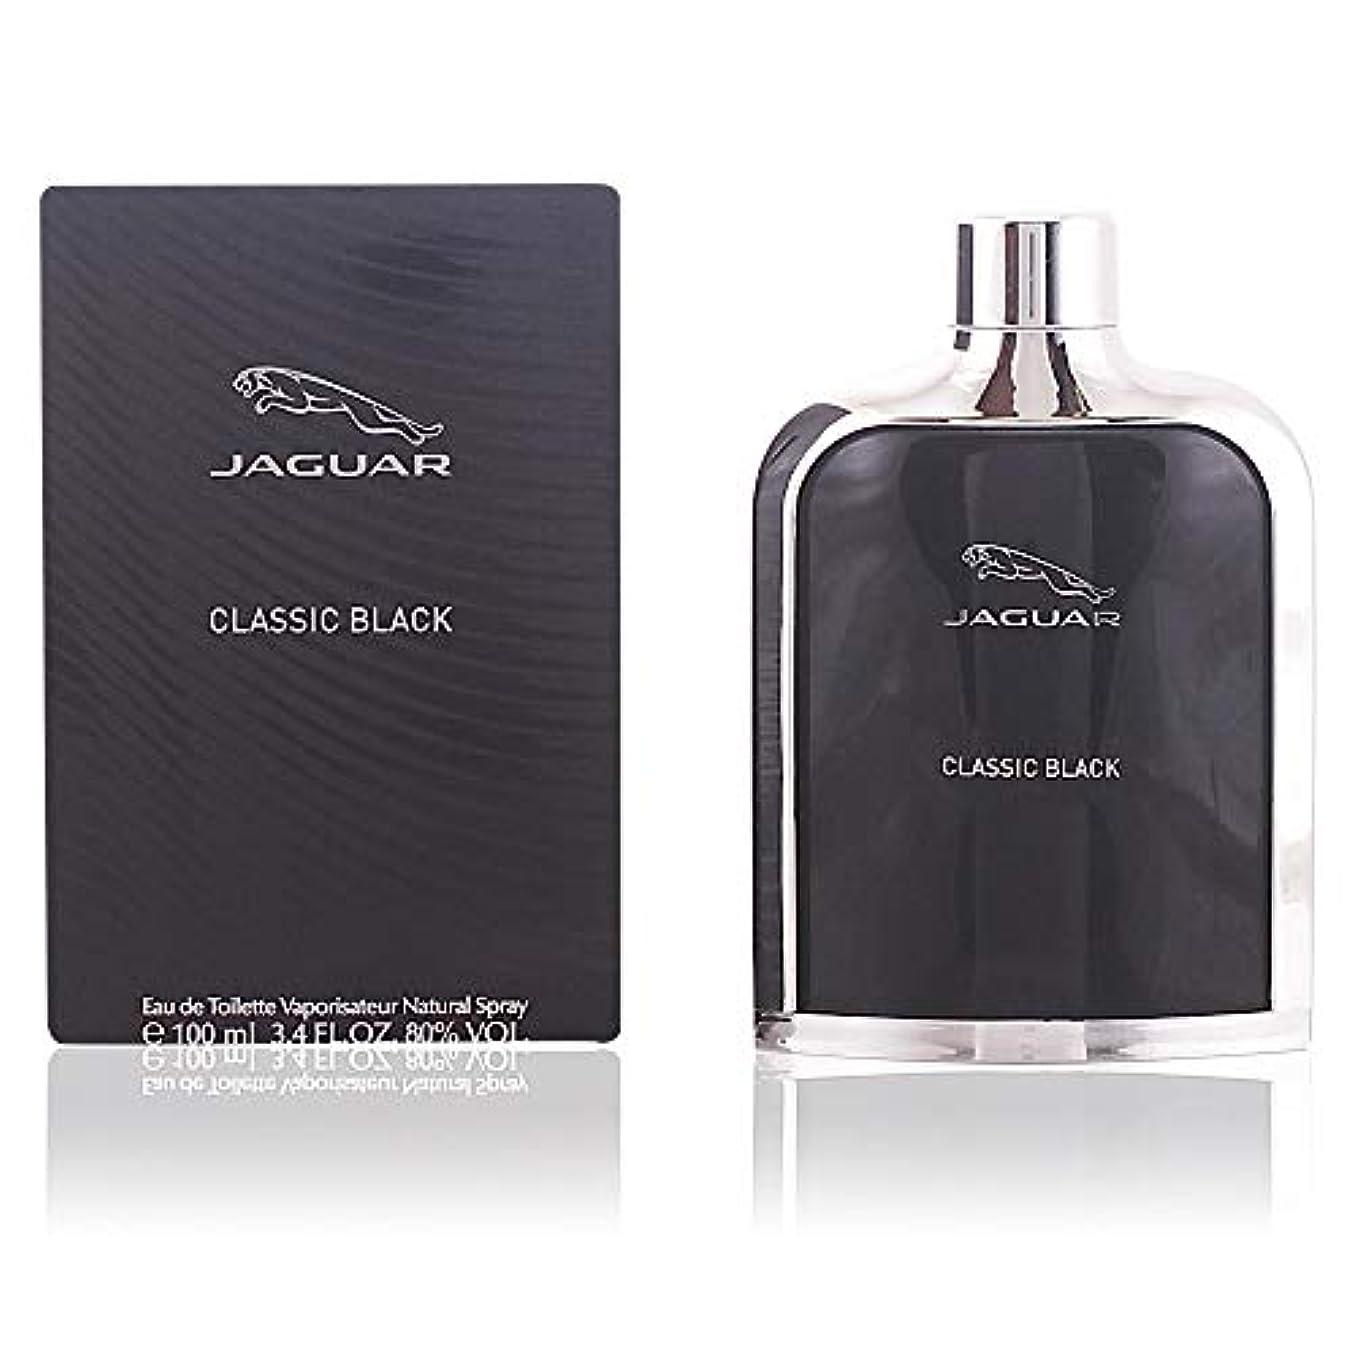 レオナルドダ季節推進ジャガー クラシック ブラック オードトワレ 100ml JAGUAR CLASSIC BLACK